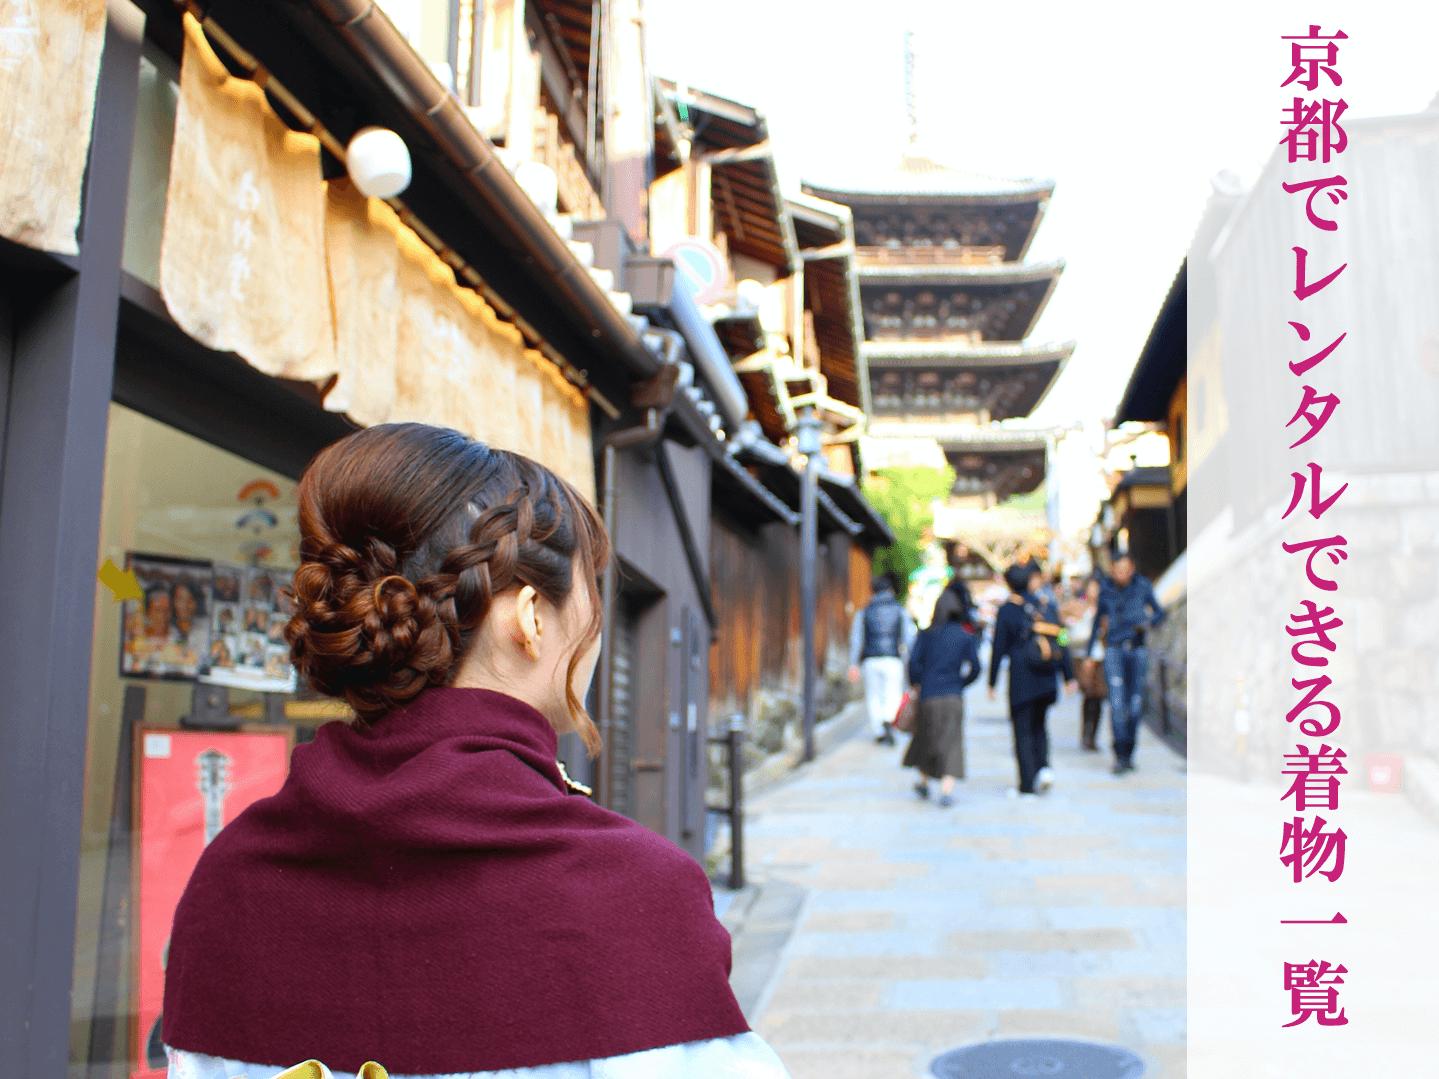 京都でレンタルできる着物一覧